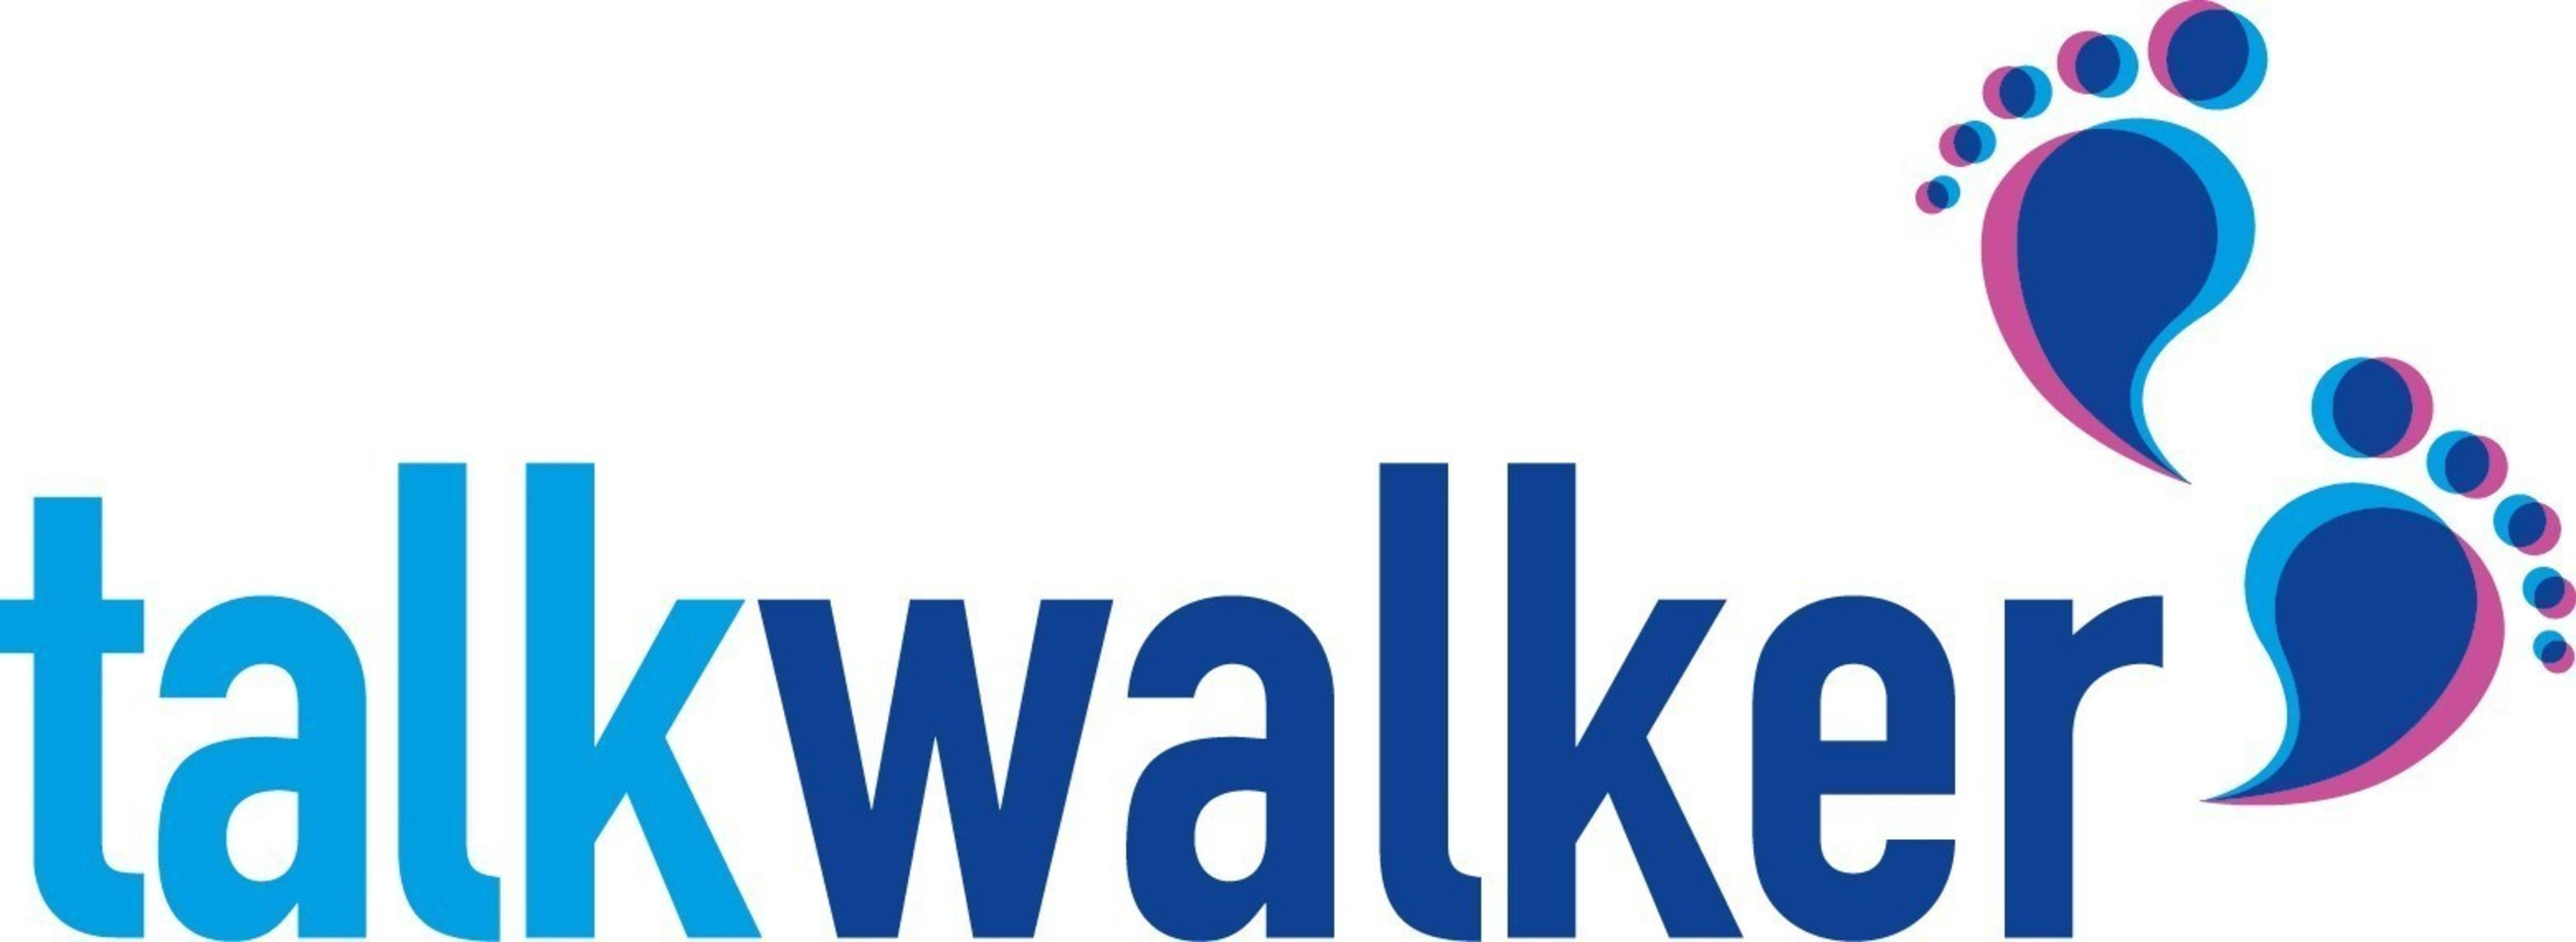 Talkwalker - Put Social Data Intelligence To Work (PRNewsFoto/Talkwalker)